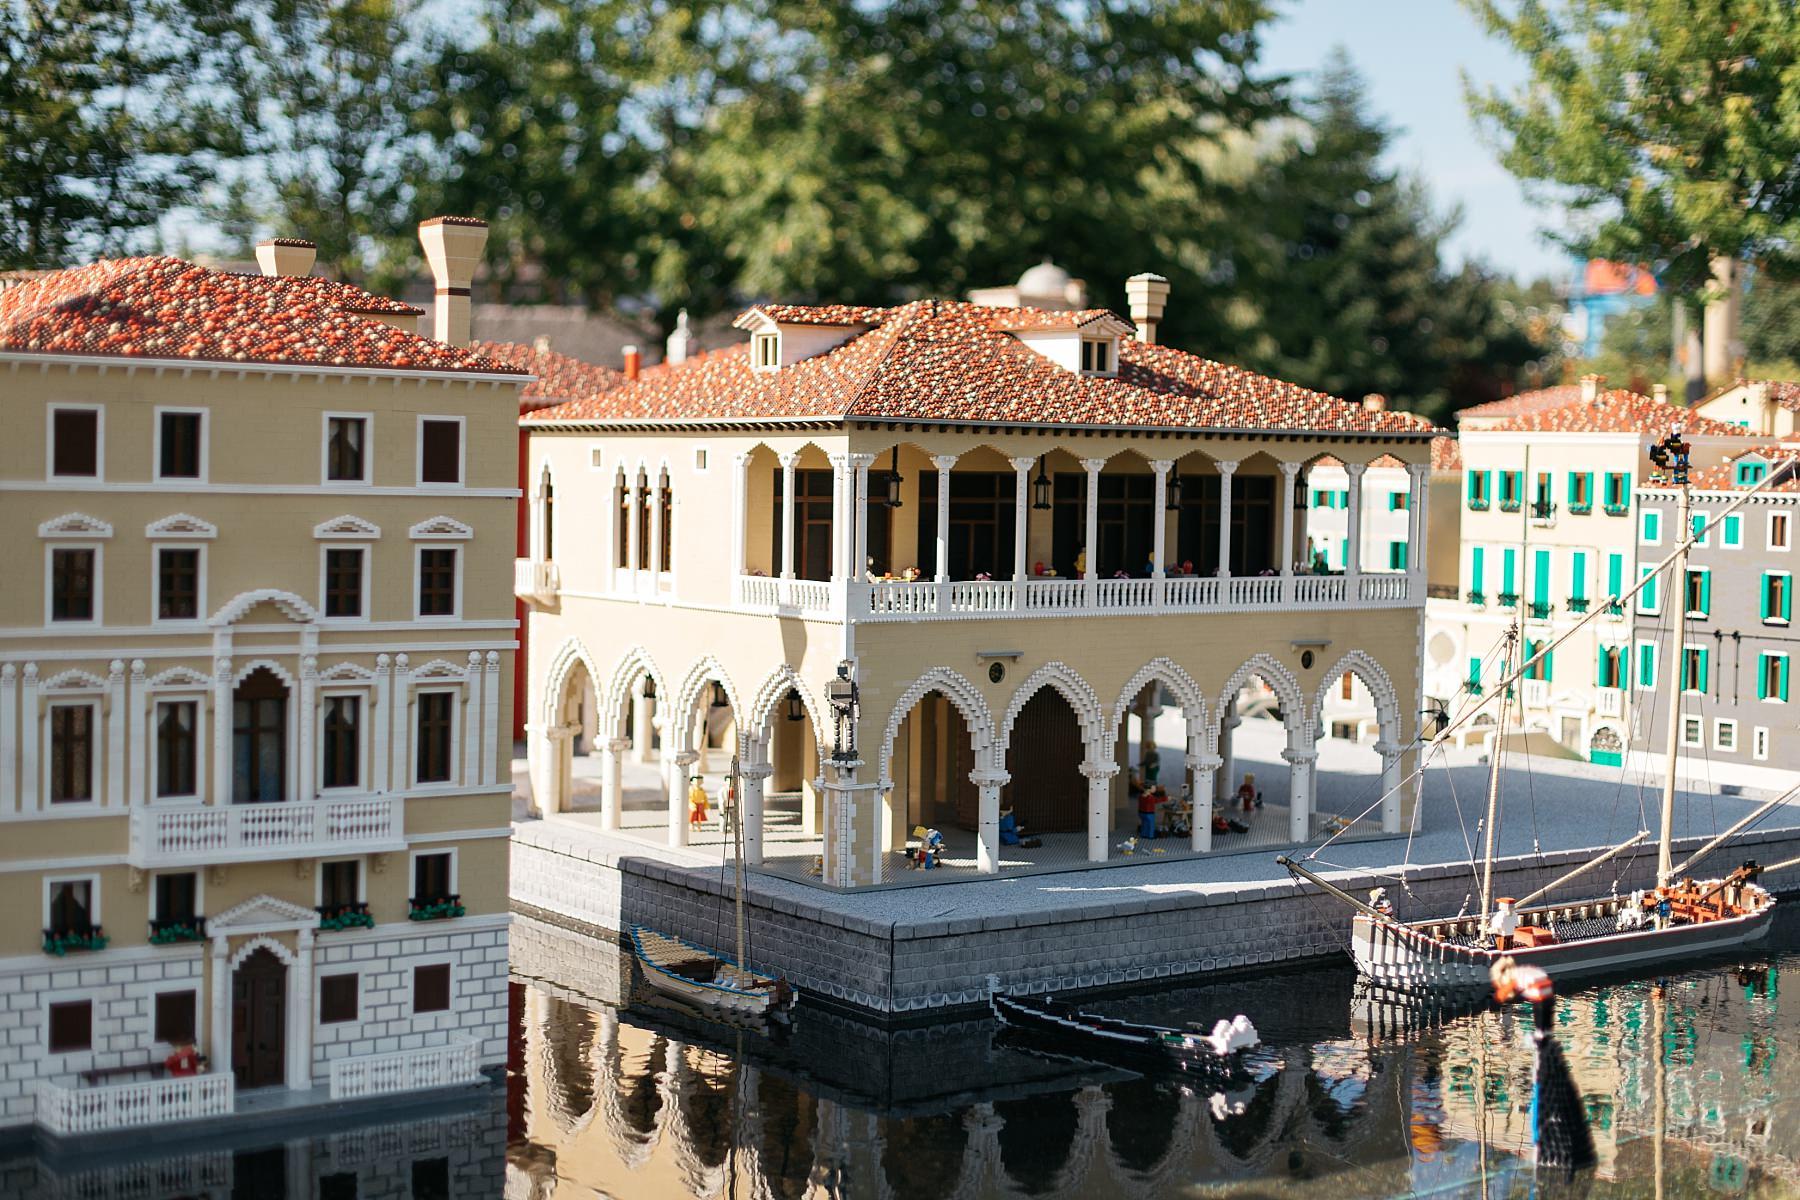 Legoland - 57 millions de briques Lego 28